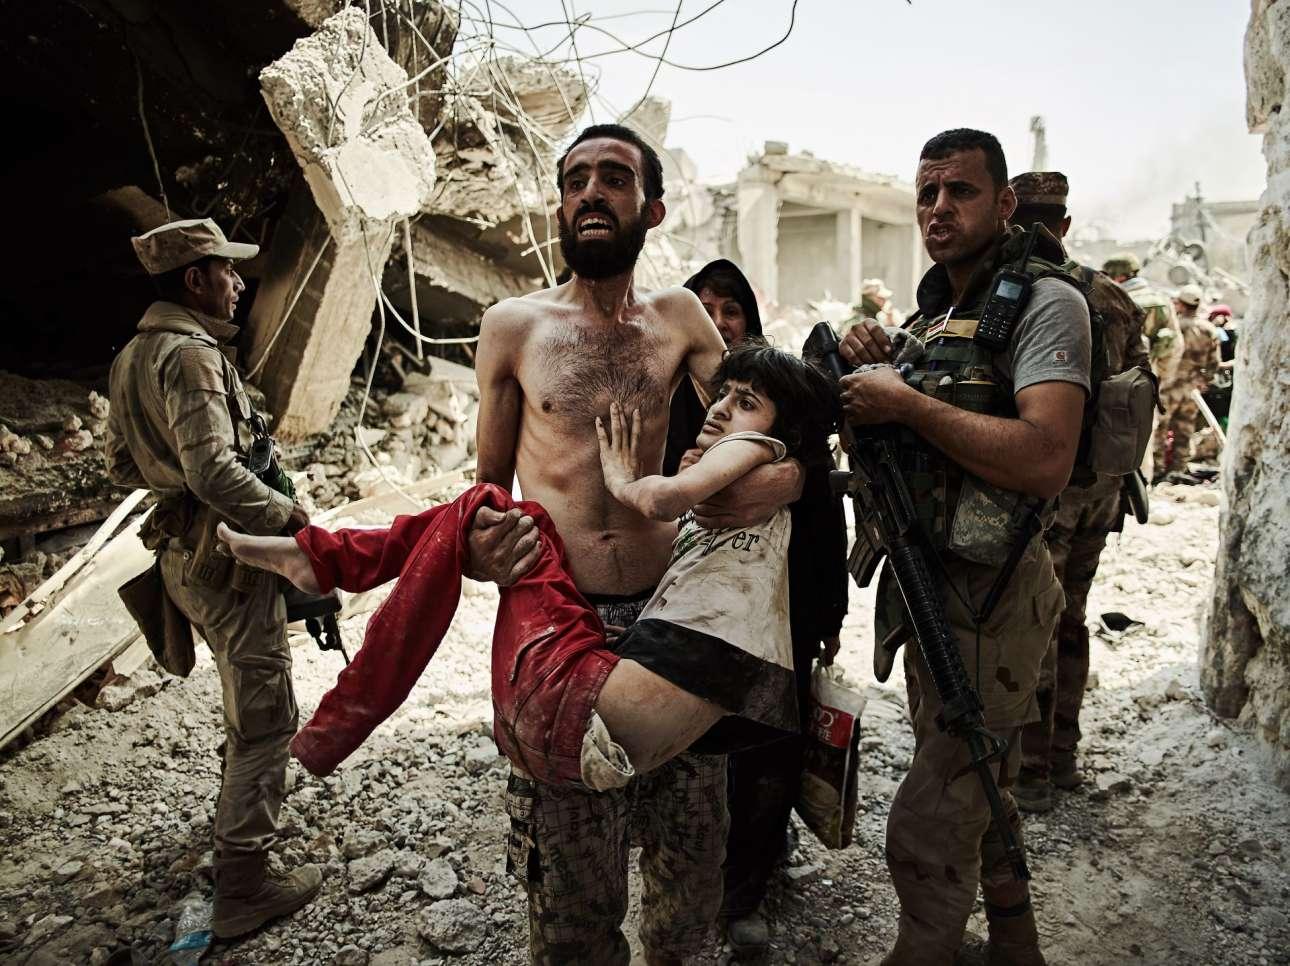 Βραβείο στην κατηγορία Ταξίδια και Περιπέτειες. Ενας συντετριμμένος πατέρας μεταφέρει τον τραυματισμένο γιο του, περνώντας από σημείο ελέγχου της δυτικής Μοσούλης στο Ιράκ